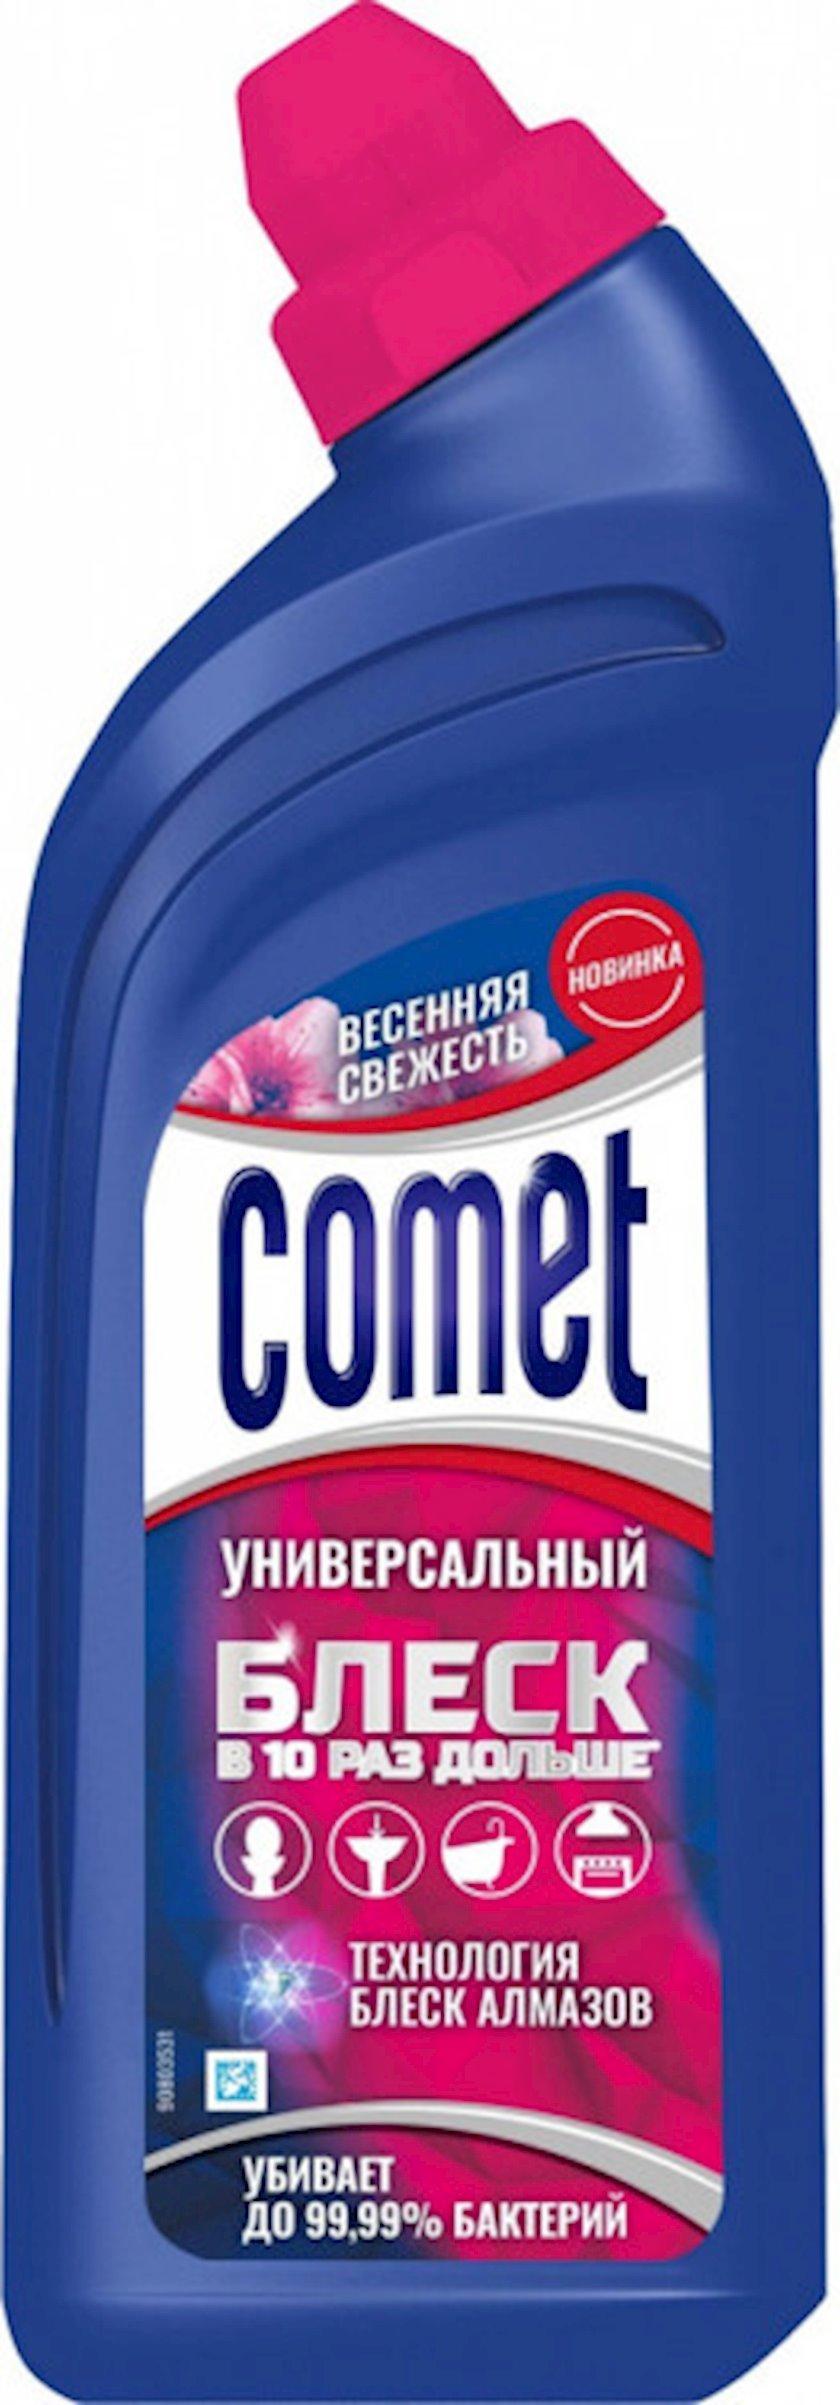 Universal təmizləyici gel Comet bahar təravəti, 450 ml